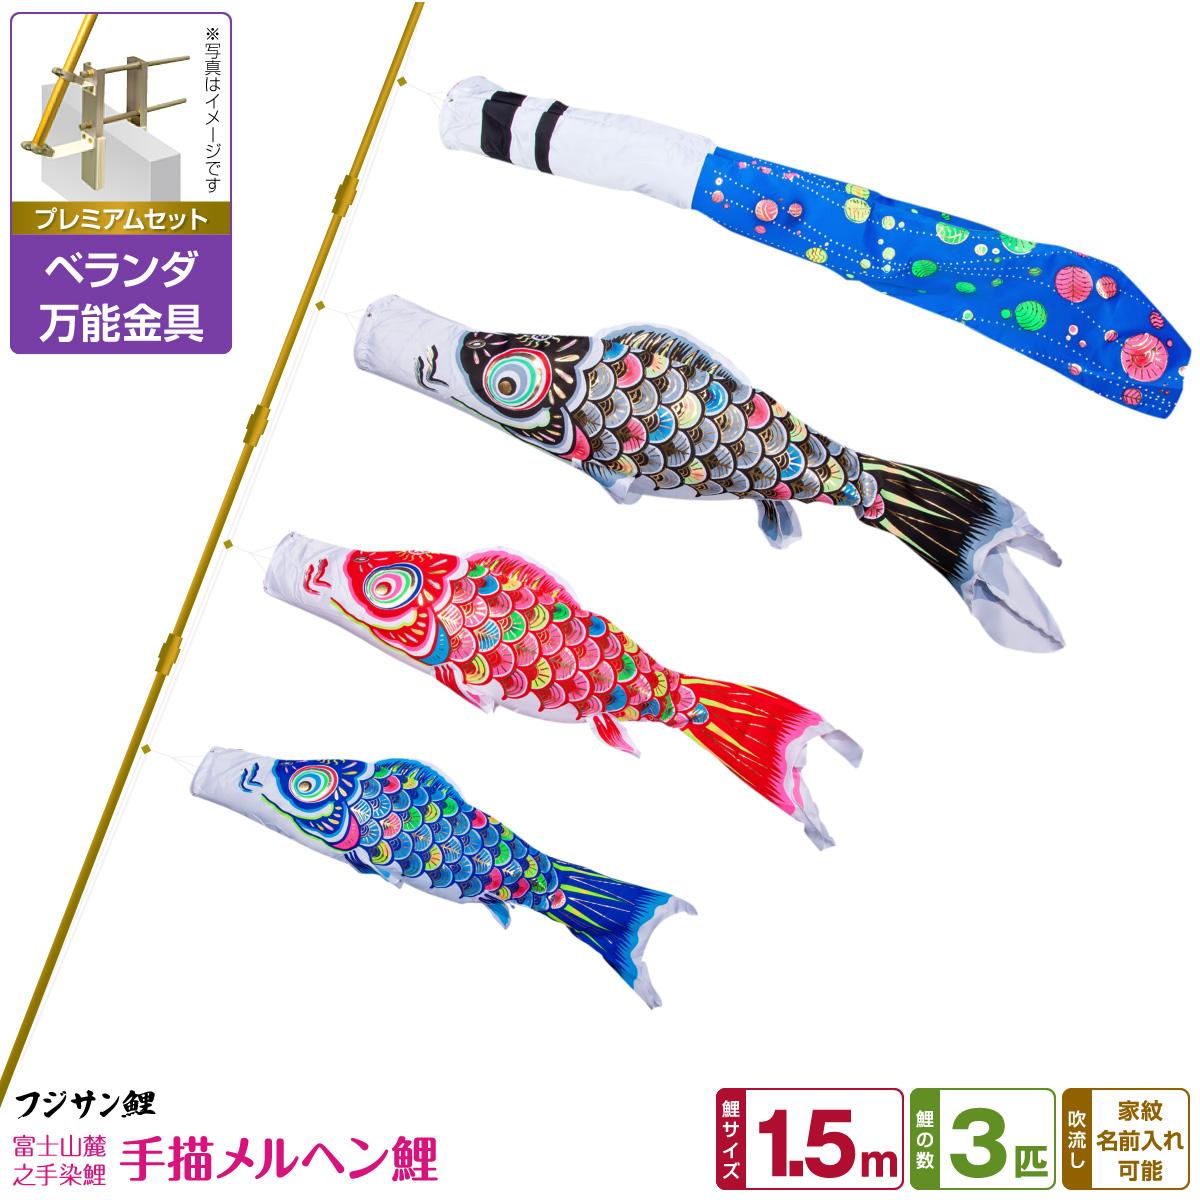 ベランダ用 こいのぼり 鯉のぼり フジサン鯉 手描メルヘン鯉 1.5m 6点(吹流し+鯉3匹+矢車+ロープ)/プレミアムセット(万能取付金具)